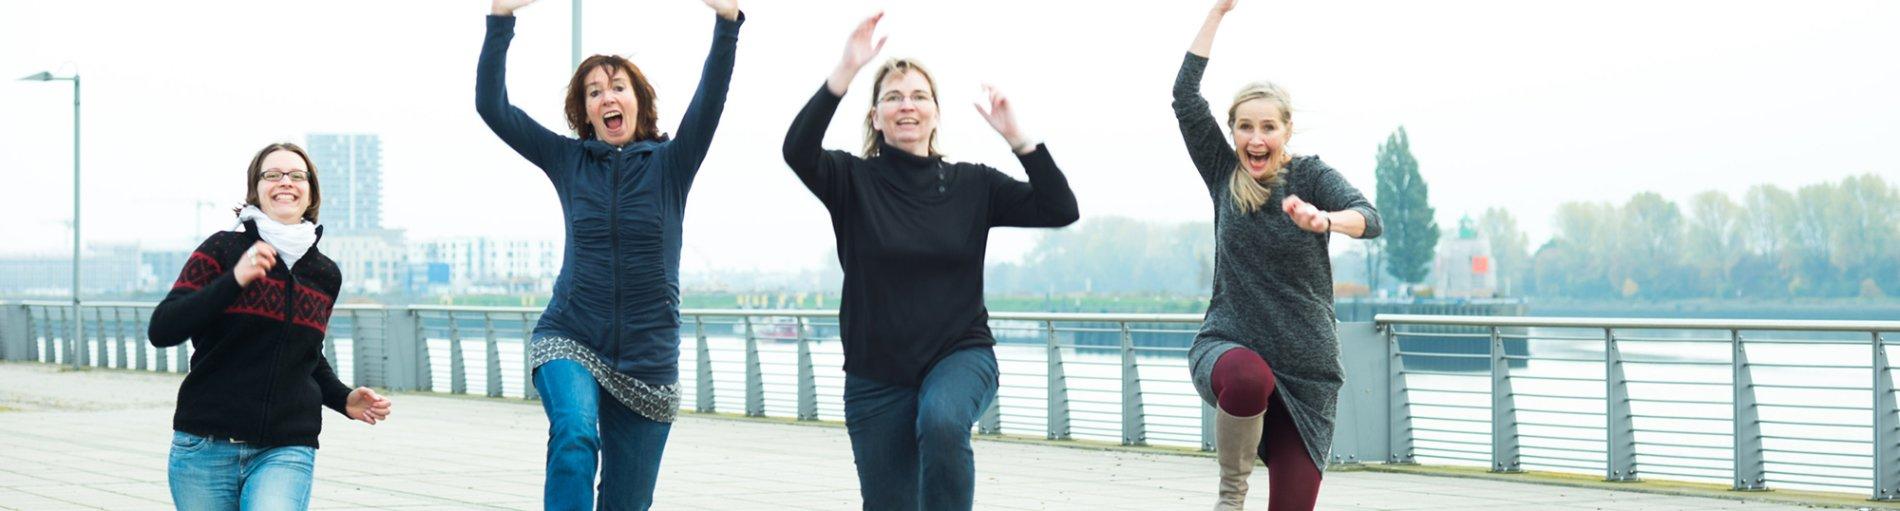 Vier gut gelaunte, lachende Frauen (Foto: Kerstin Rolfes)